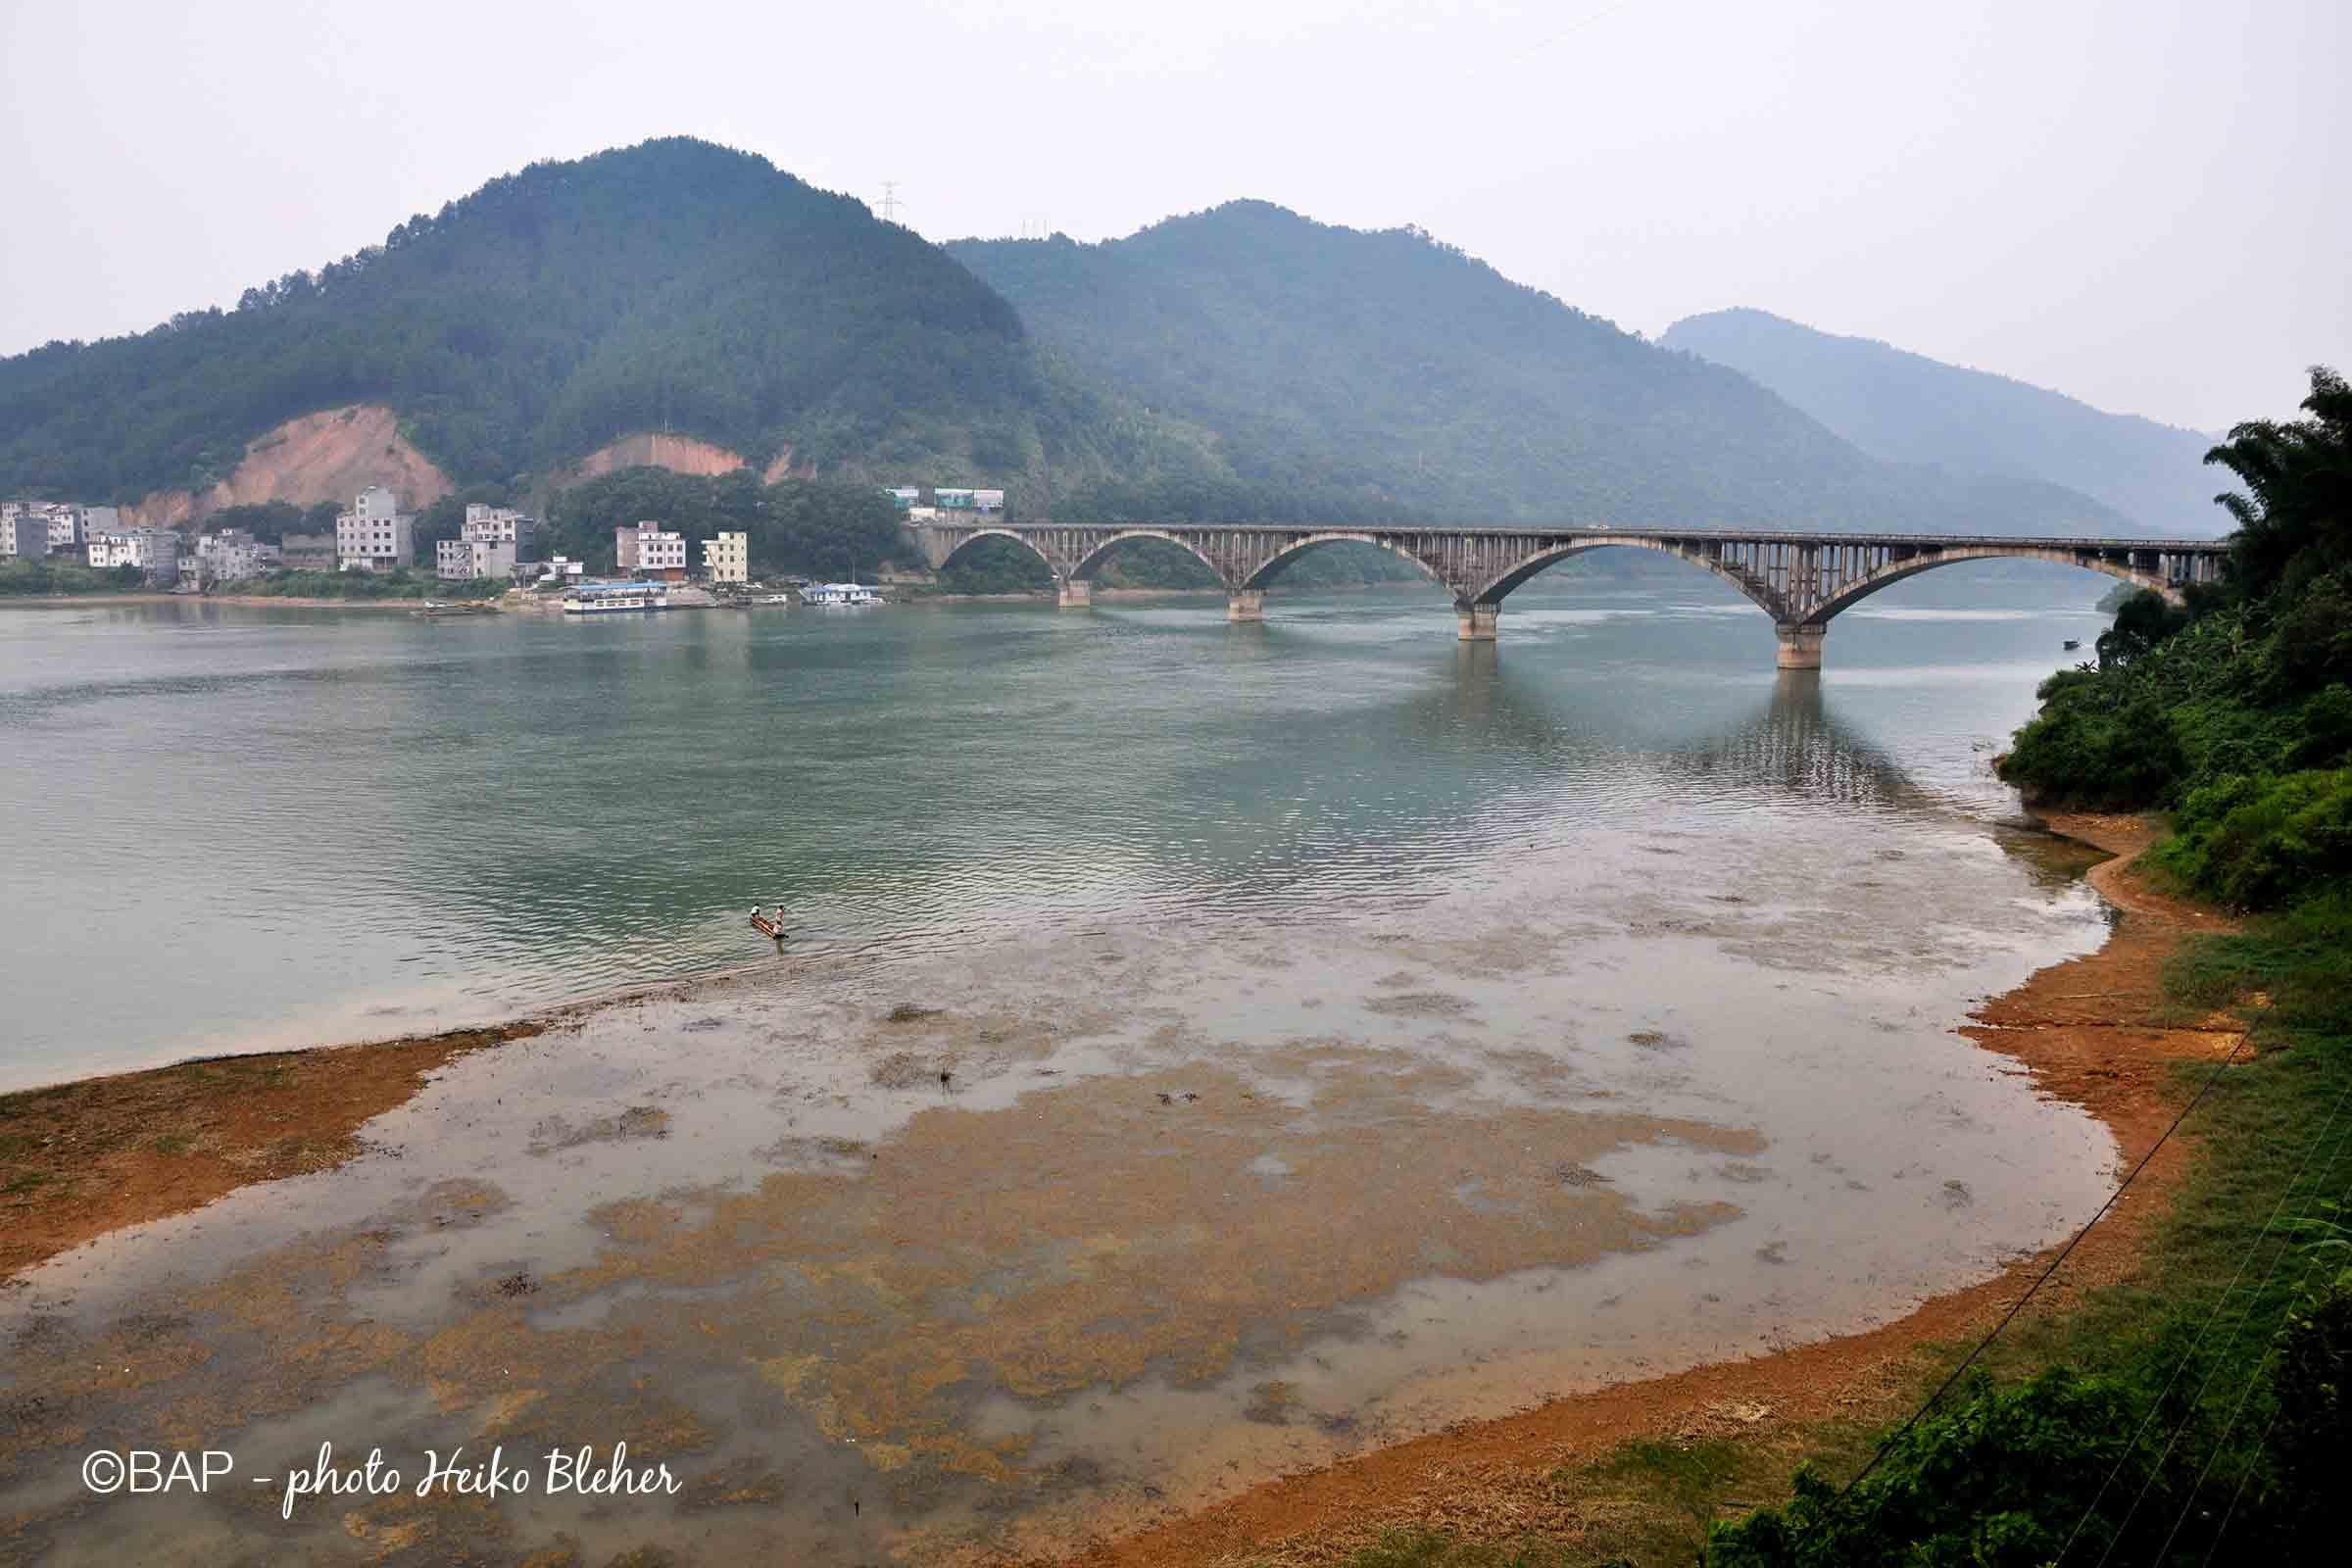 Hongshui River, Guangxi, China. @BAP, photo by Heiko Bleher